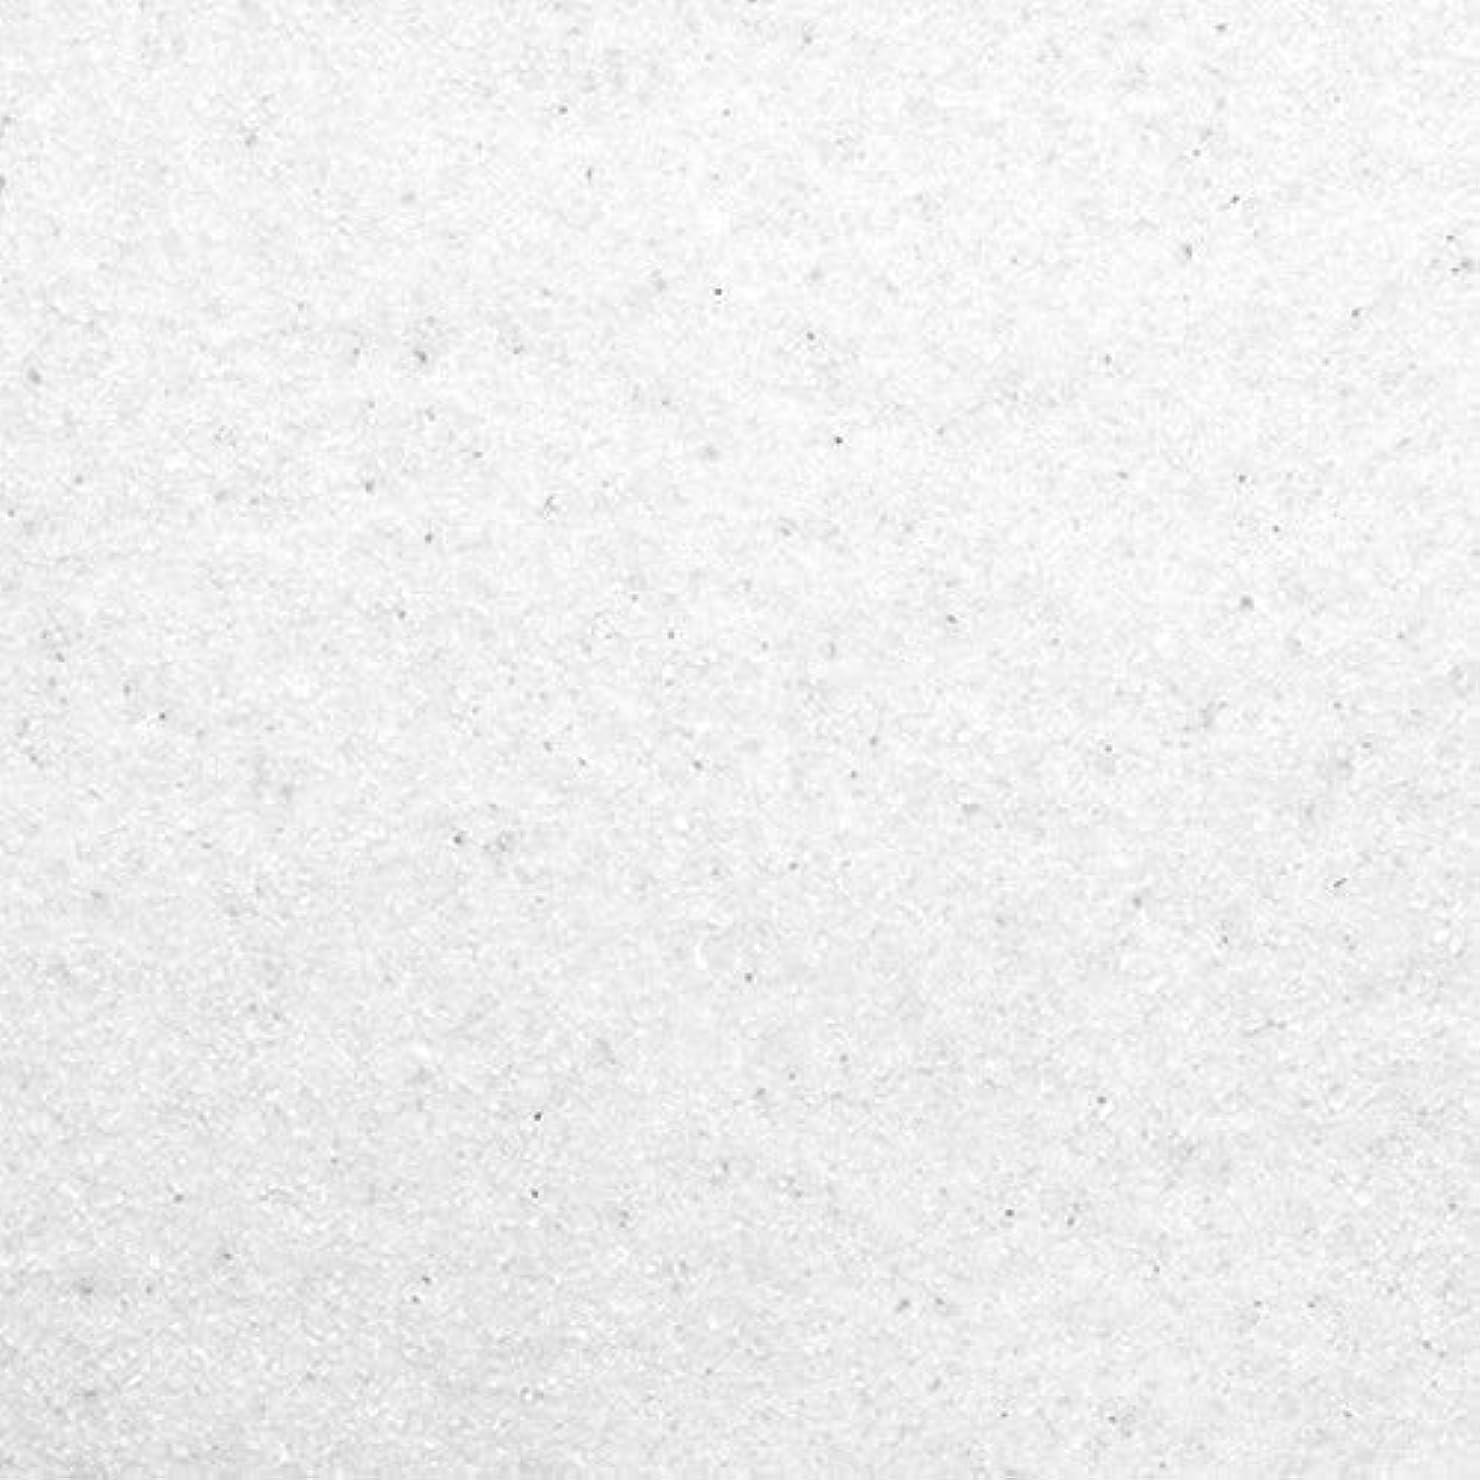 方法シニス自治的16ozホワイトバルクカラー樹脂Incense Burner熱吸収/ Decorating Sandアート